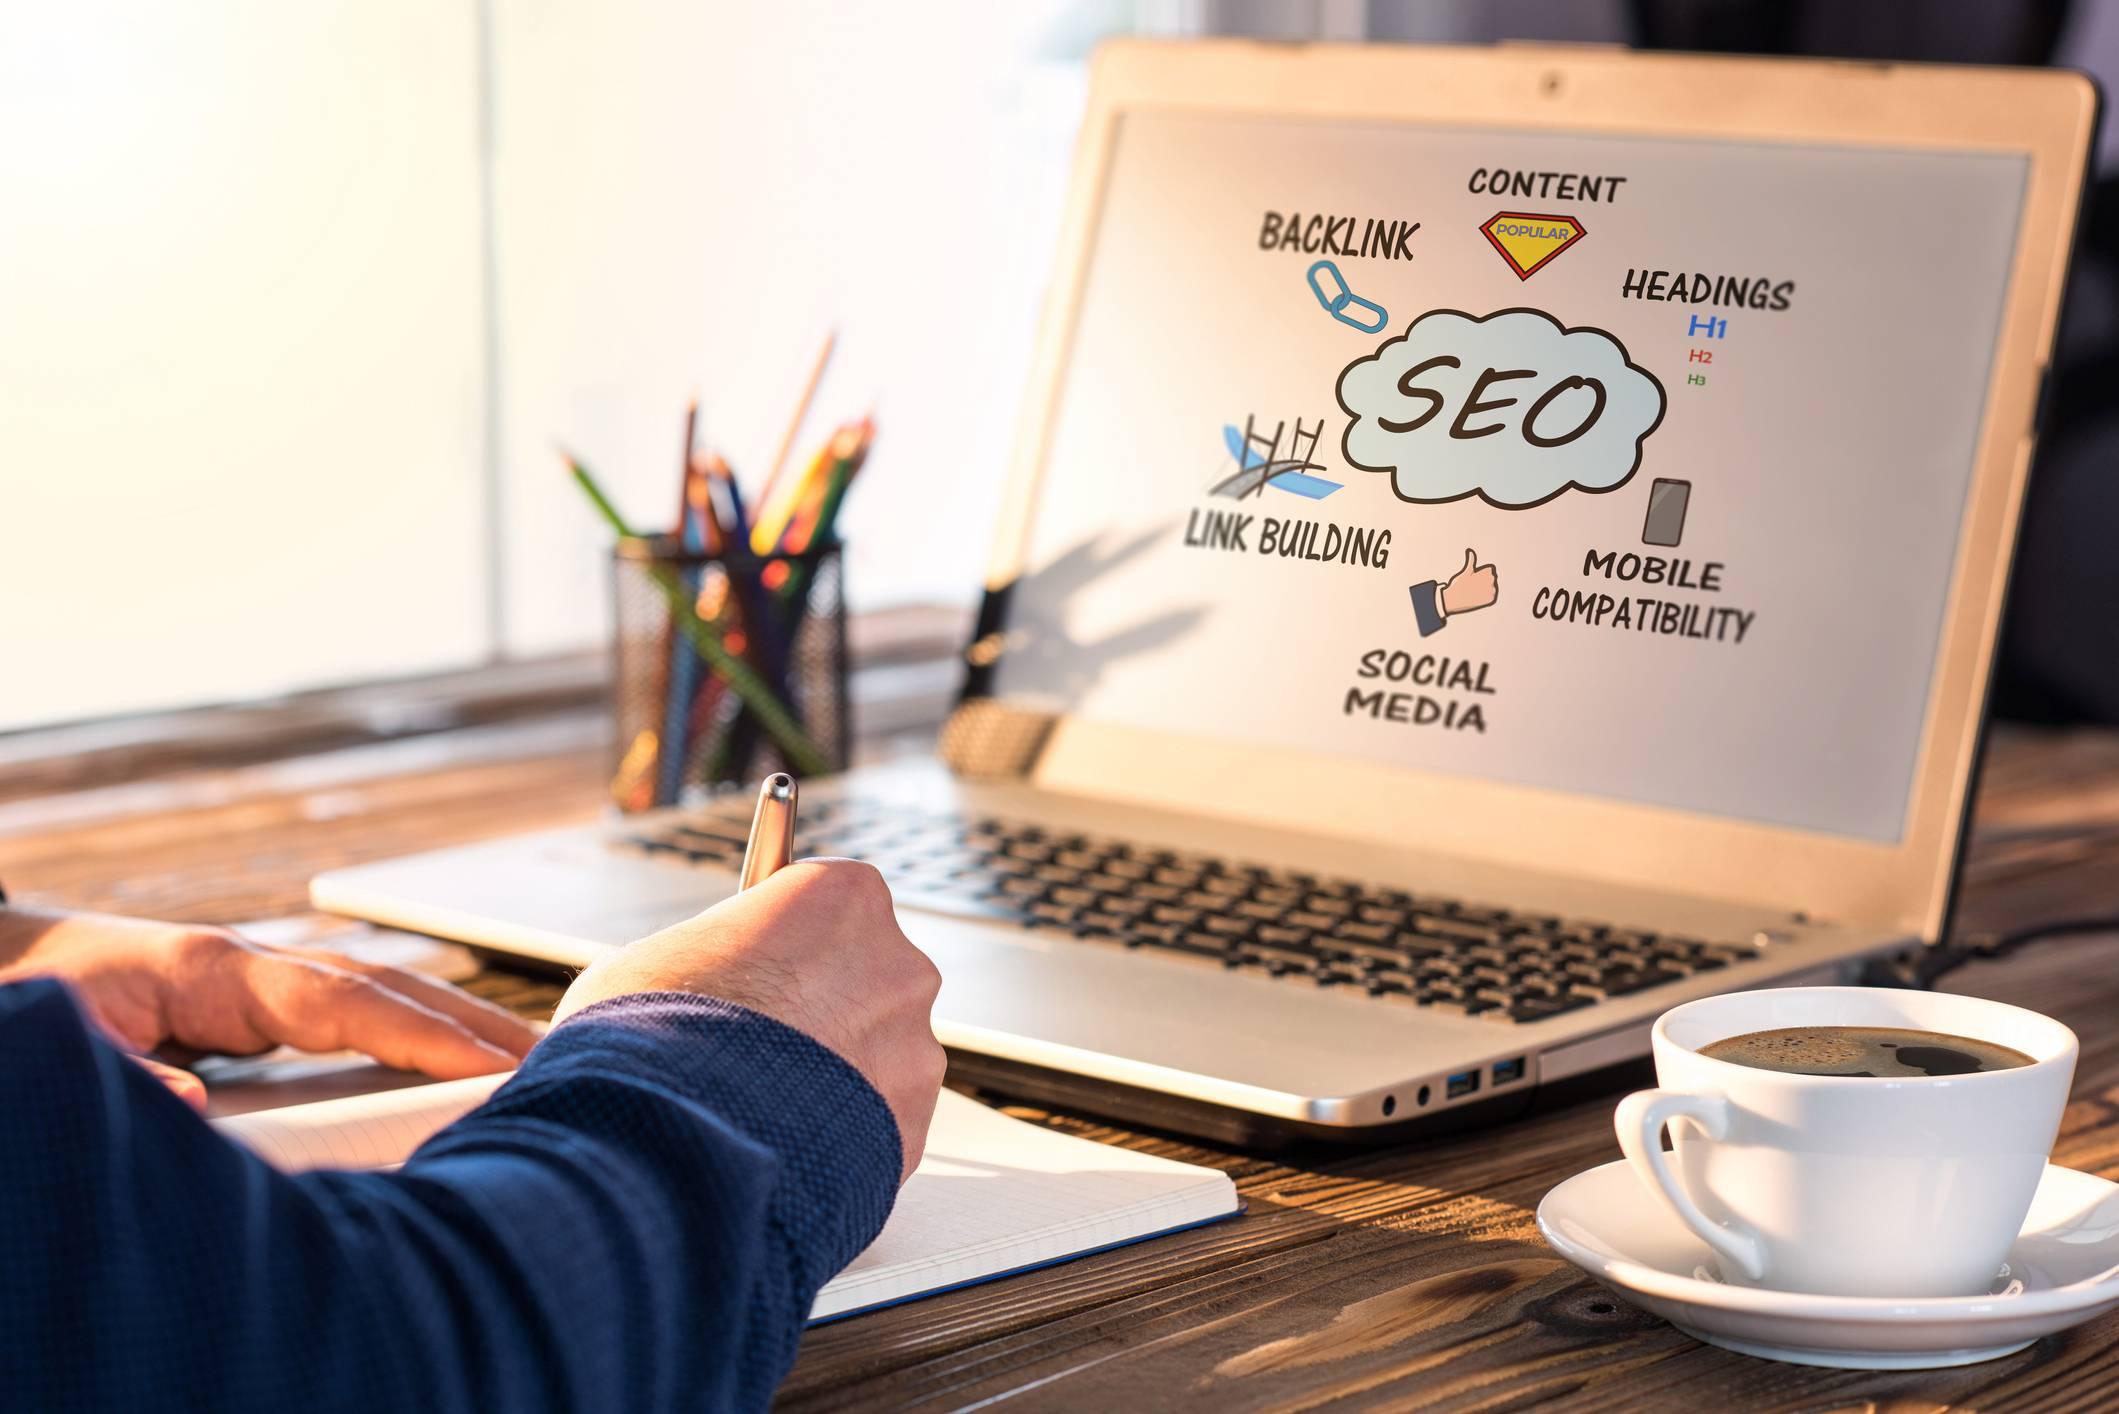 Une personne devant son ordinateur portable mettant en place du référencement SEO